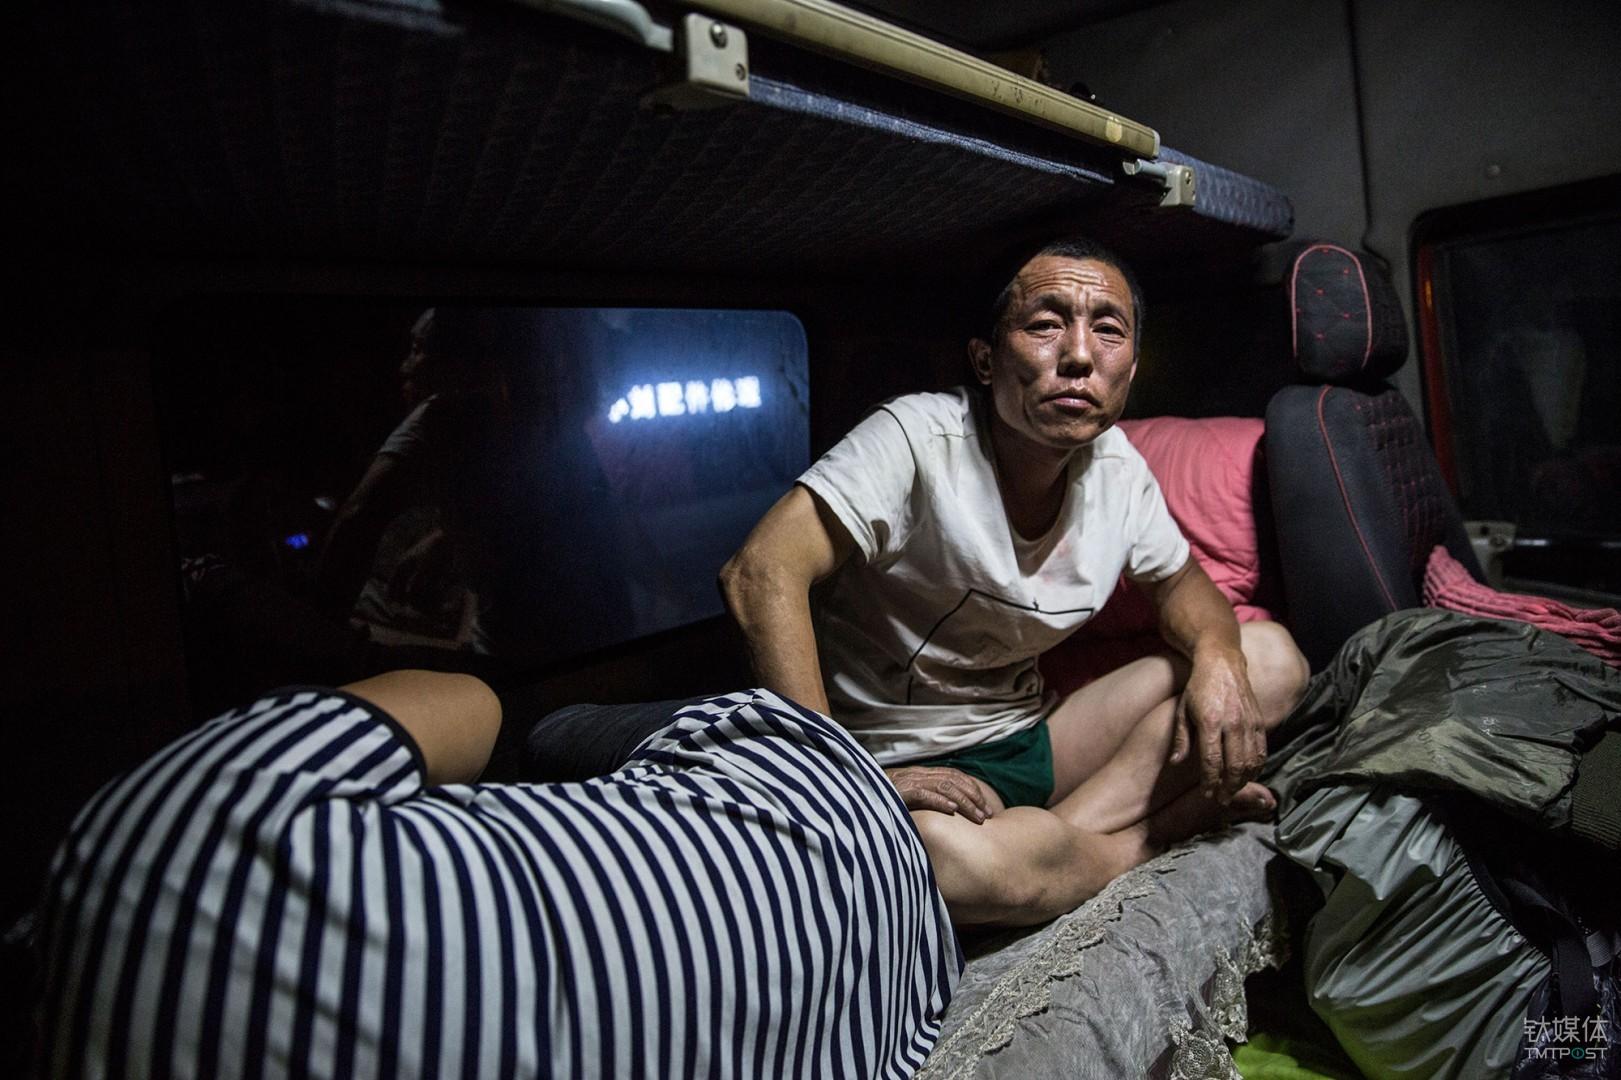 """解放宾馆。内蒙古乌兰浩特,以车为家的卡车司机金强夫妇。他们将自己赖以为生的解放卡车称为""""解放宾馆""""。为了记录物流行业里司机的真实状态,我跟他们的车从上海出发一路往北3000公里行至满洲里。"""